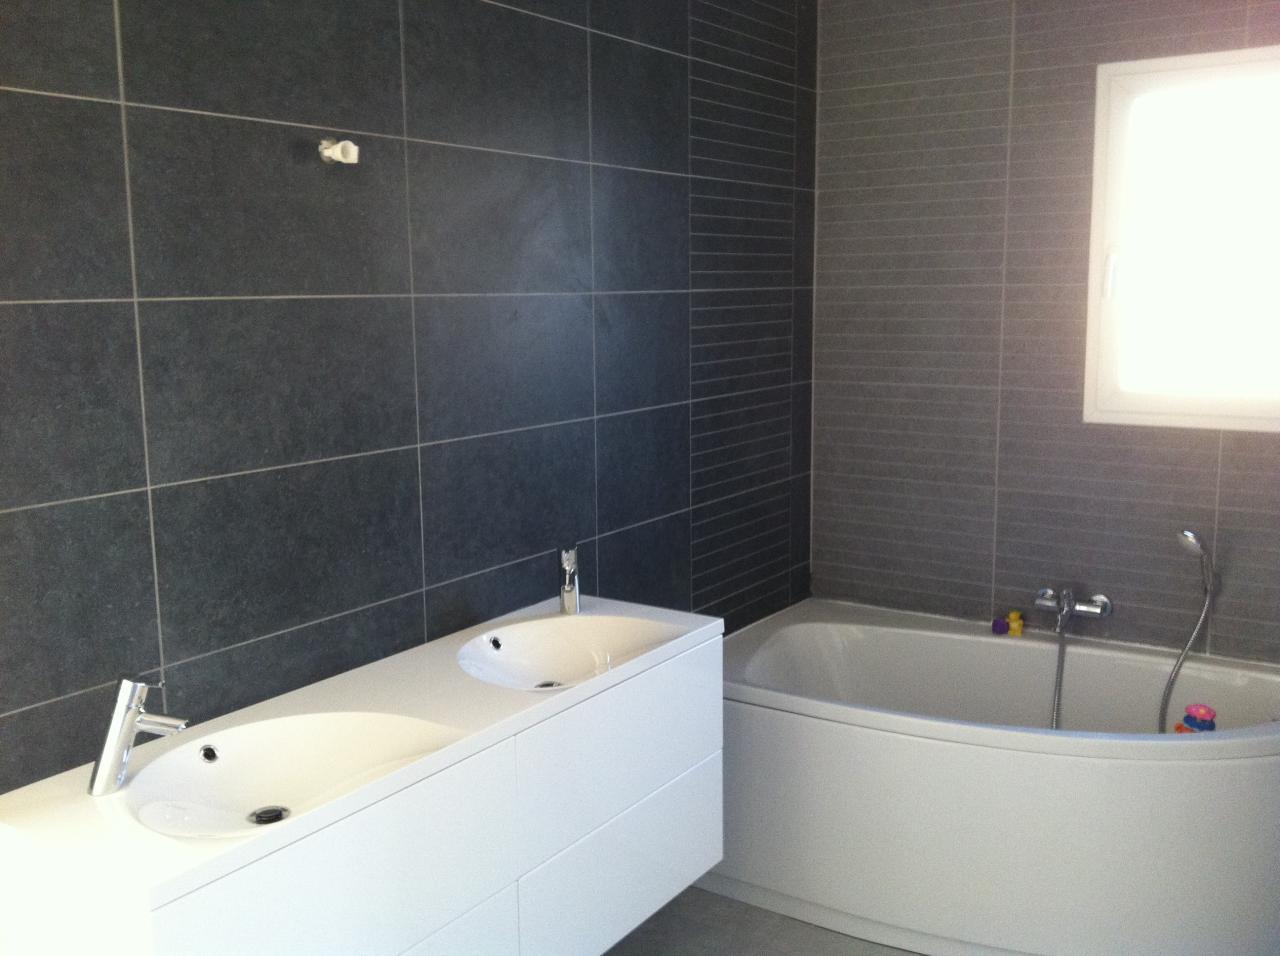 Realisation d 39 une salle de bains douche et baignoire camaret - Mettre une douche a la place d une baignoire ...